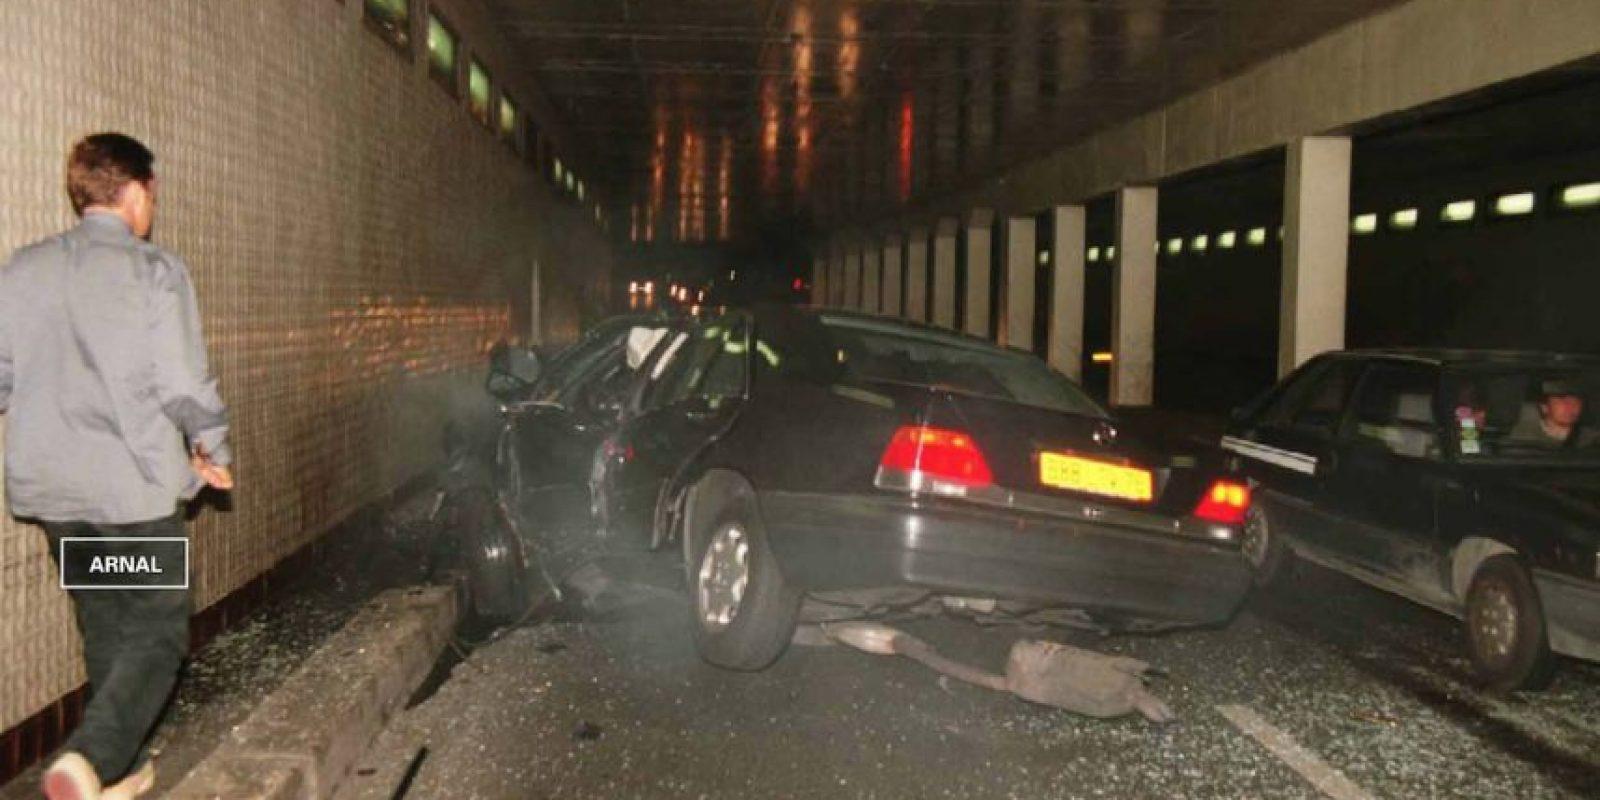 El accidente fue provocado por el chofer, Henri Paul quien perdió el control después de haber consumido alcohol y antidepresivos. Foto:Getty Images